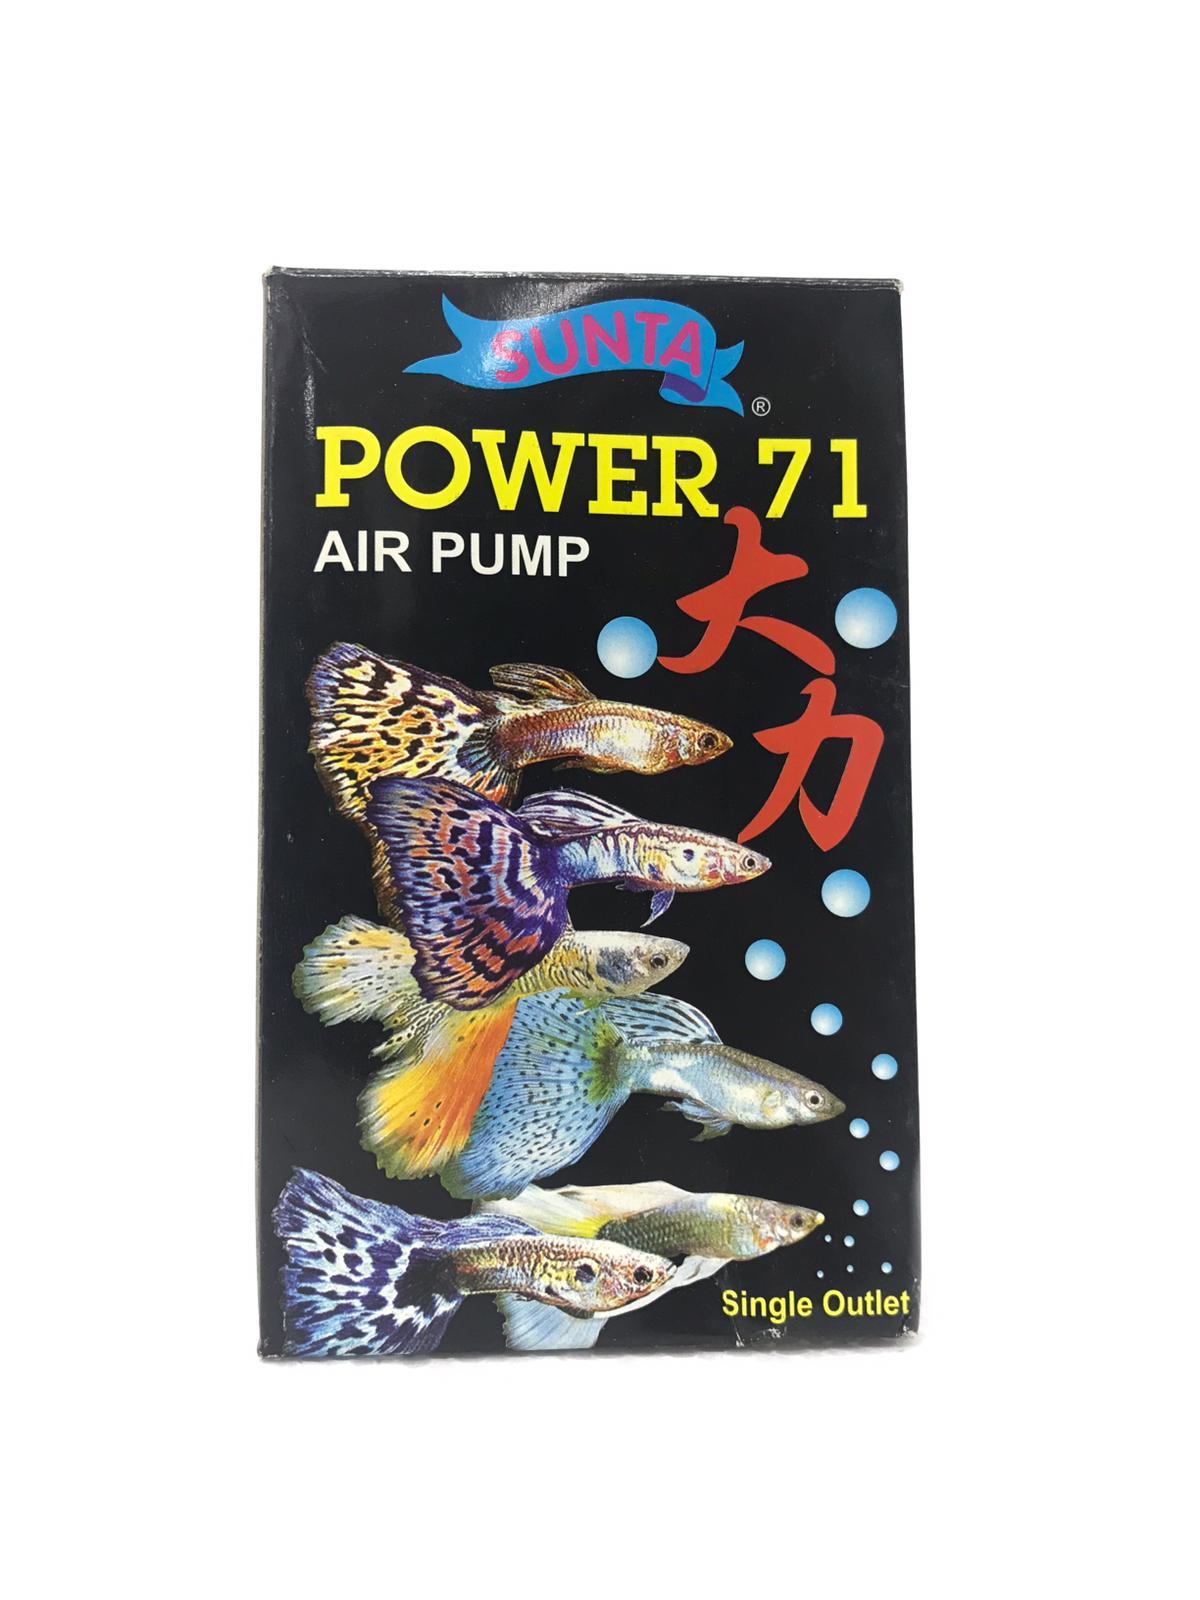 Sunta Air Pump Power 71